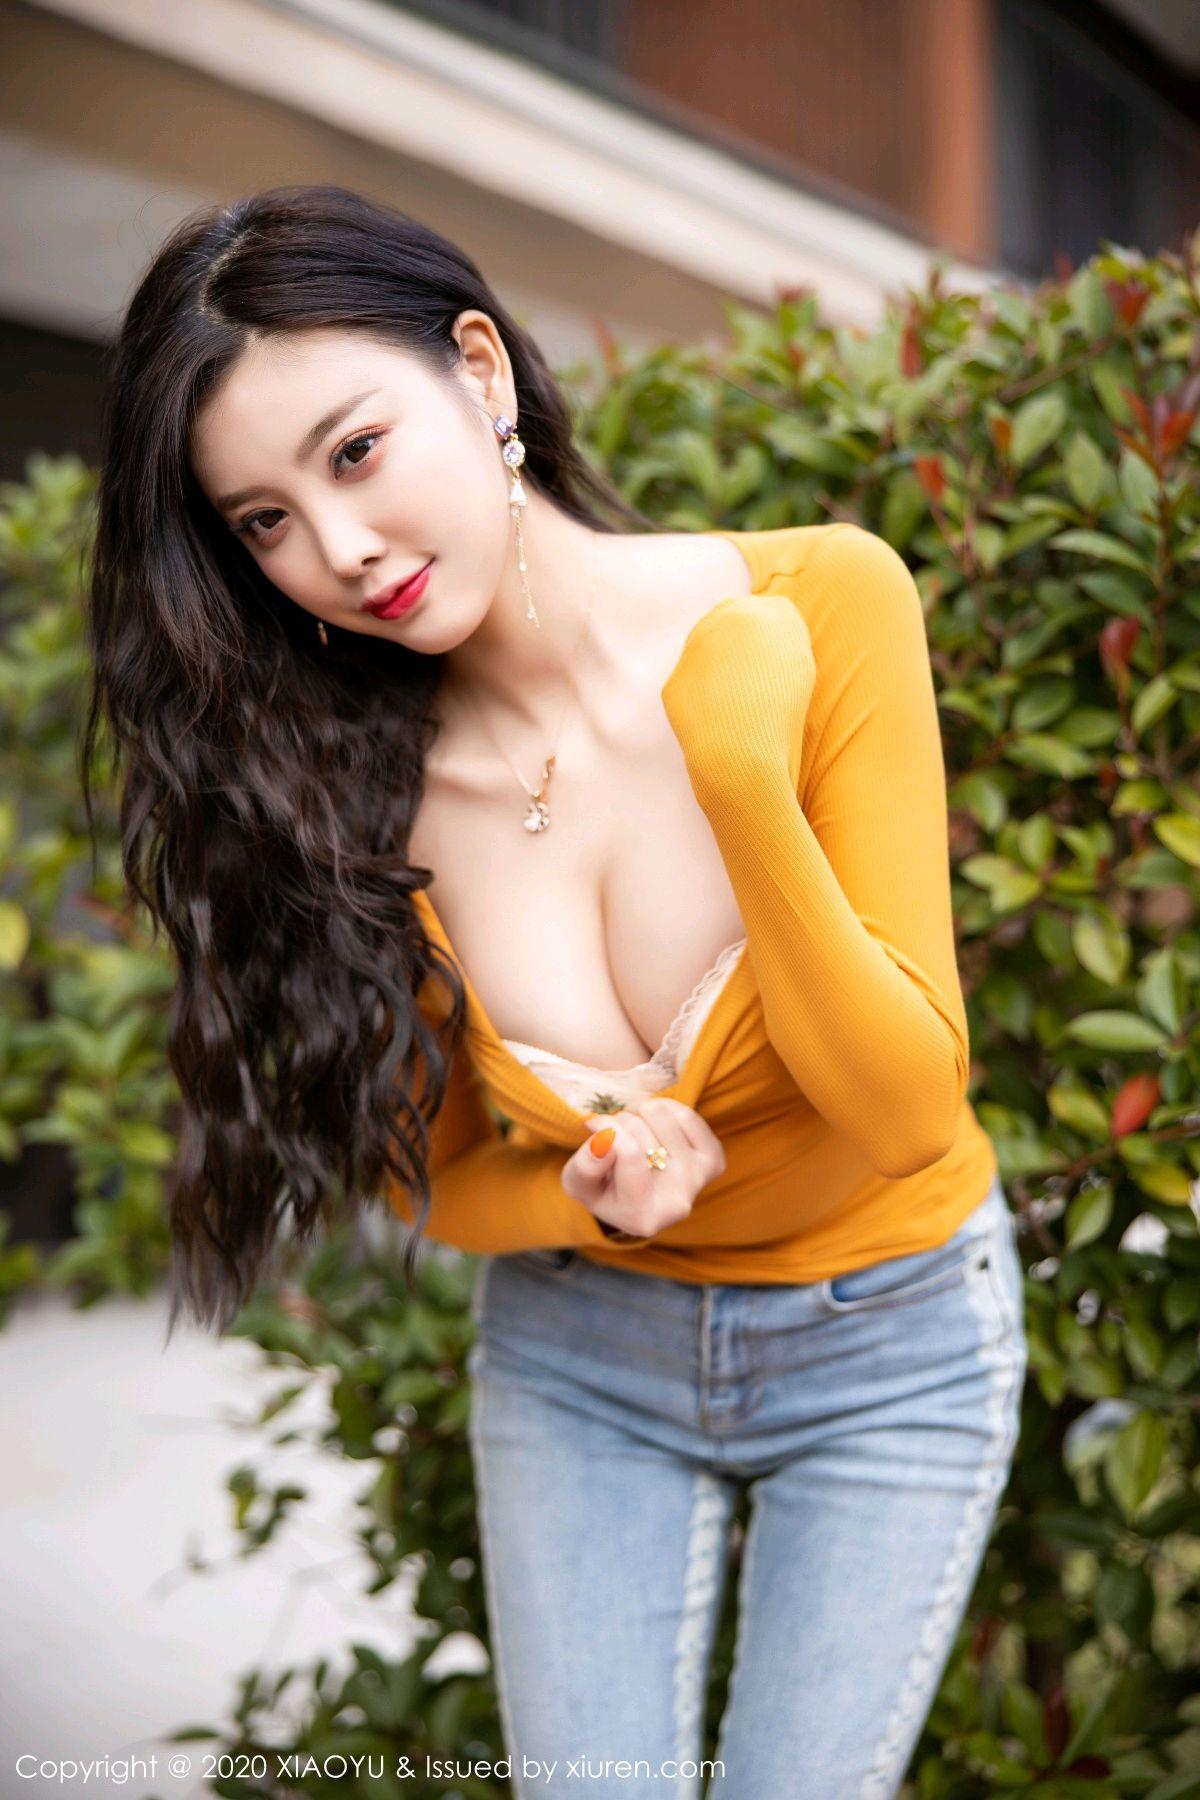 [XiaoYu] Vol.228 Yang Chen Chen 20P, XiaoYu, Yang Chen Chen